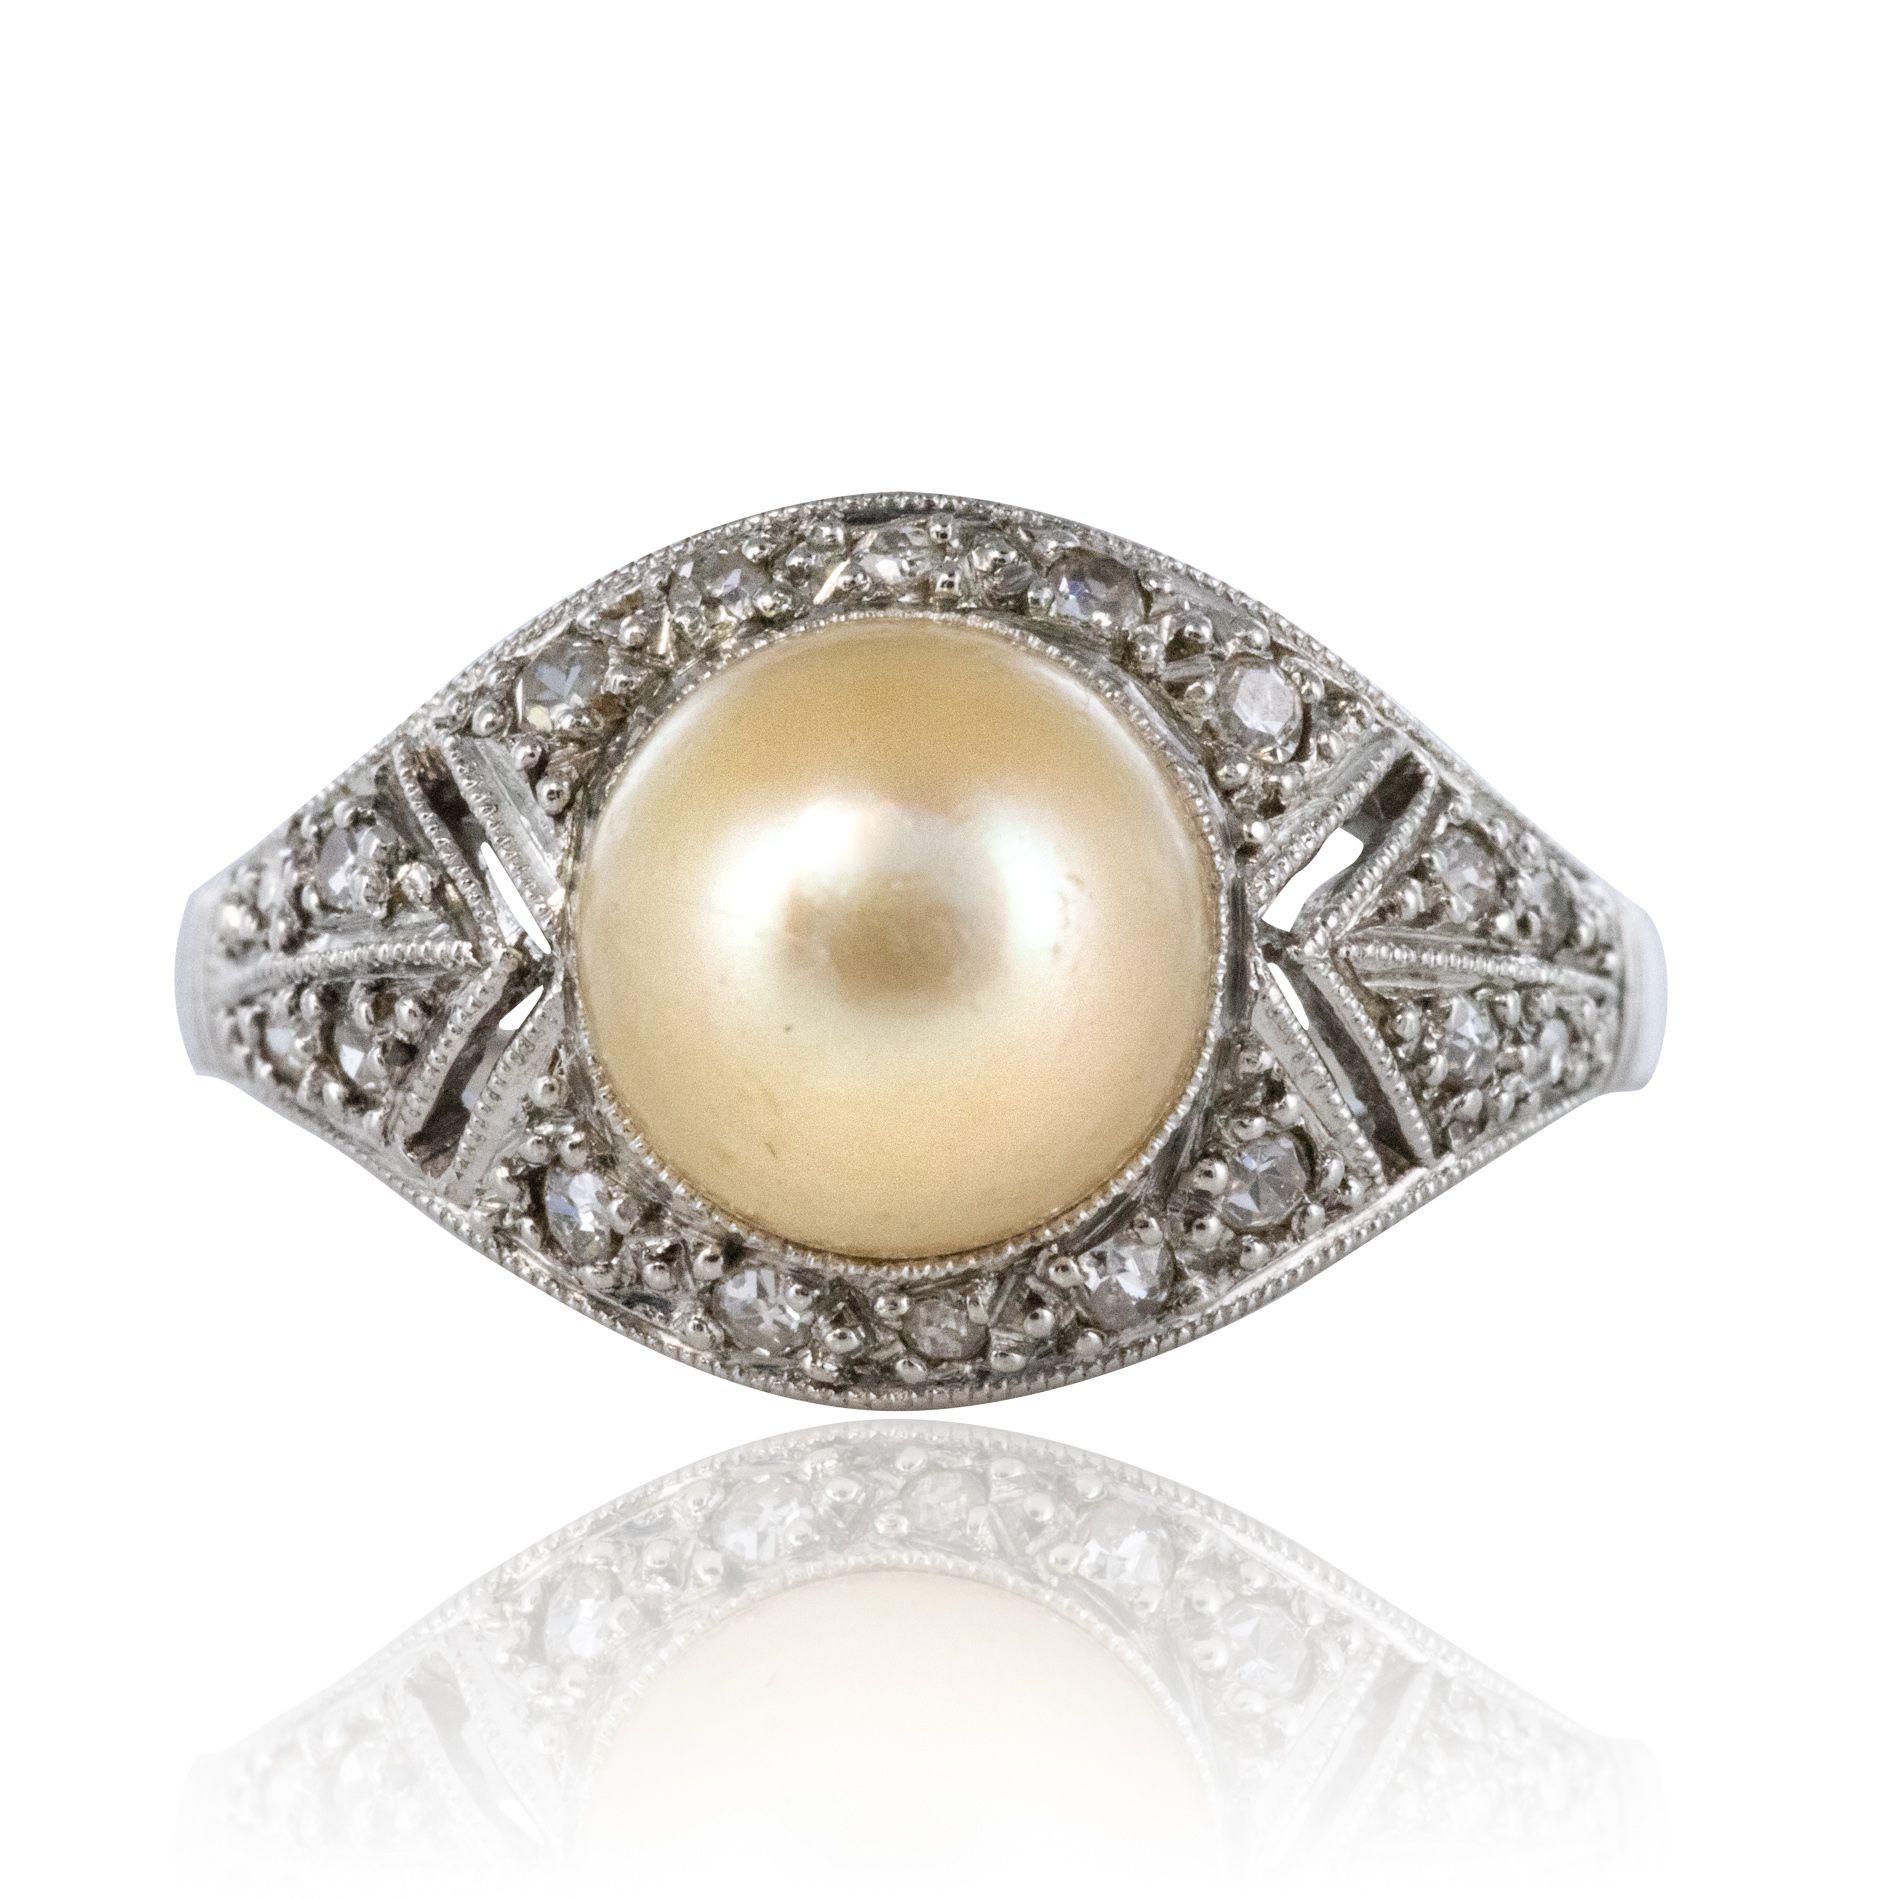 Bague art déco perle fine diamants